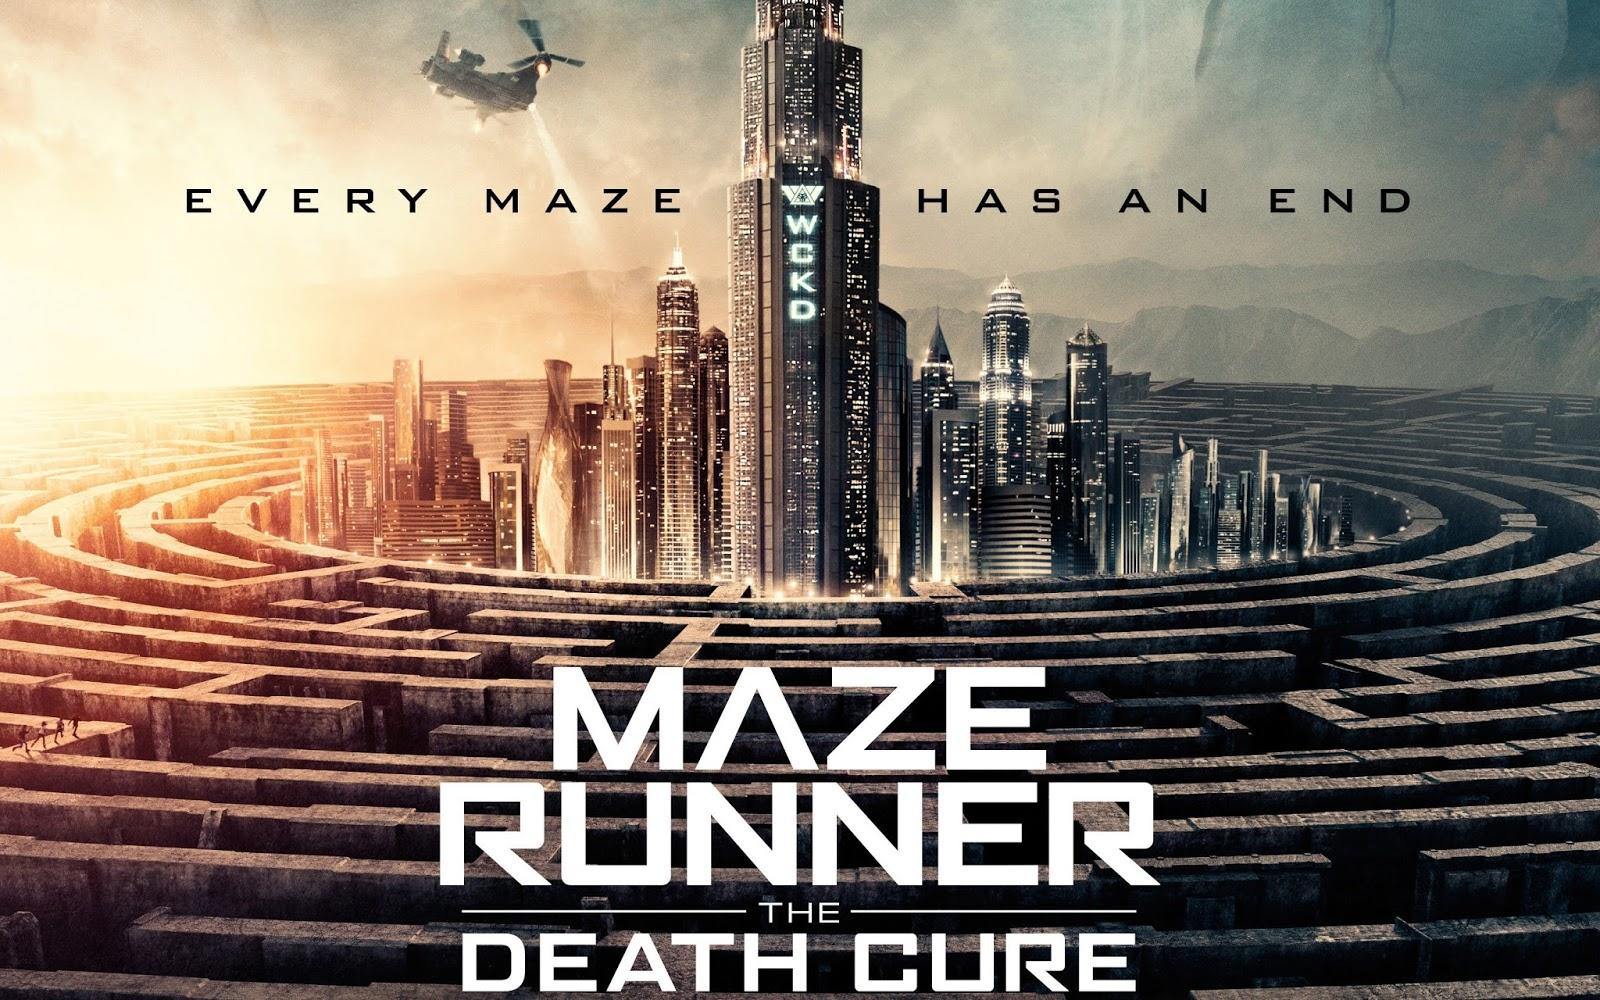 La nueva entrega de The Maze Runner